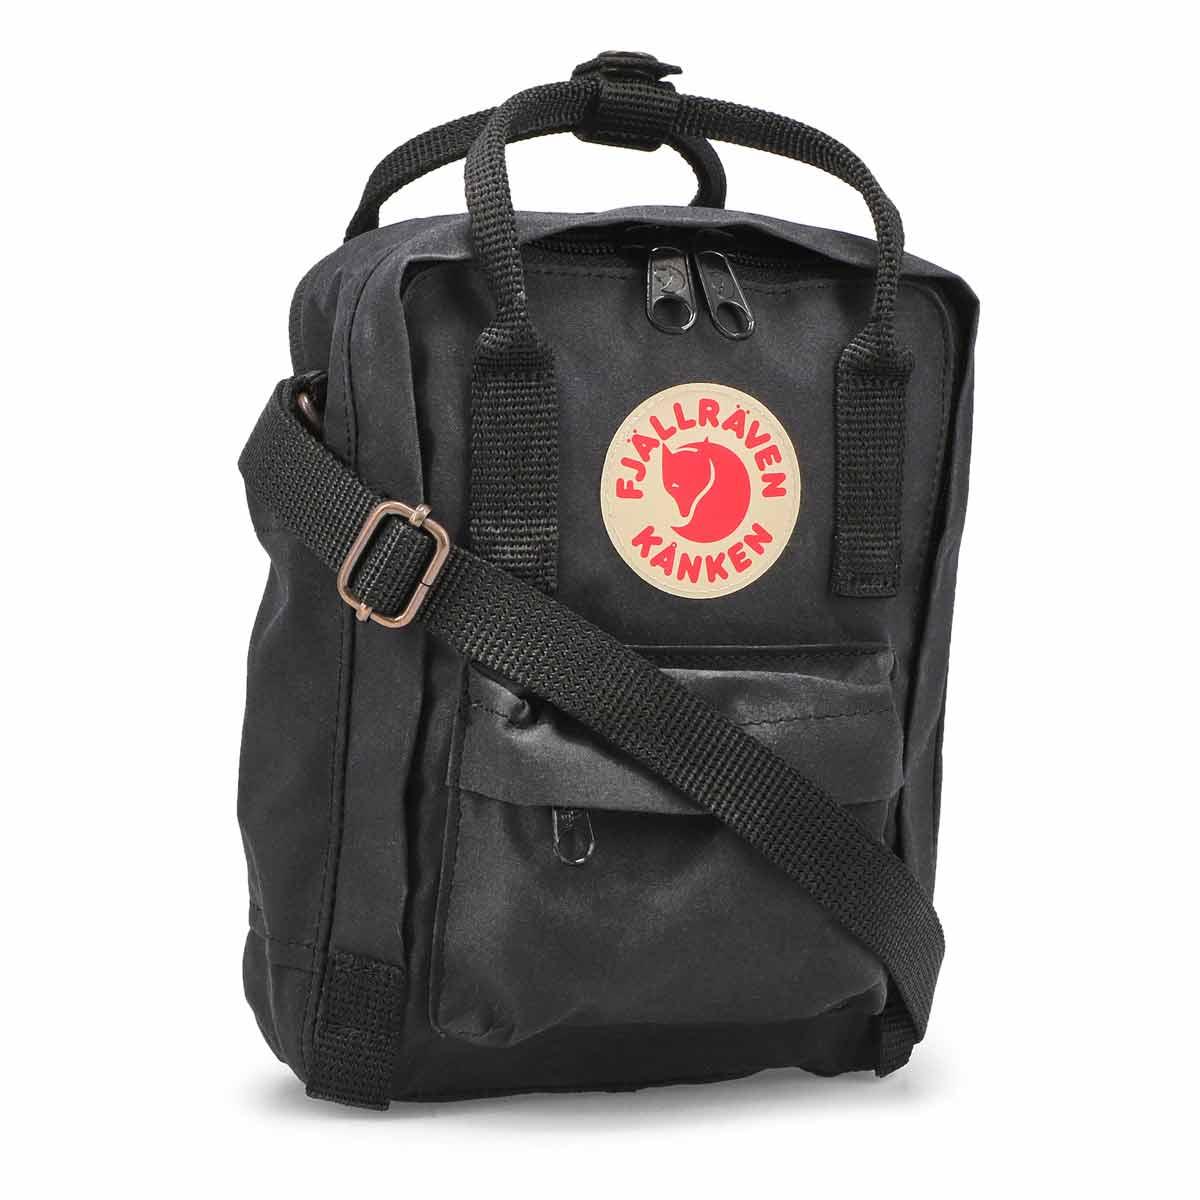 Fjallraven Kanken Sling Backpack - Black